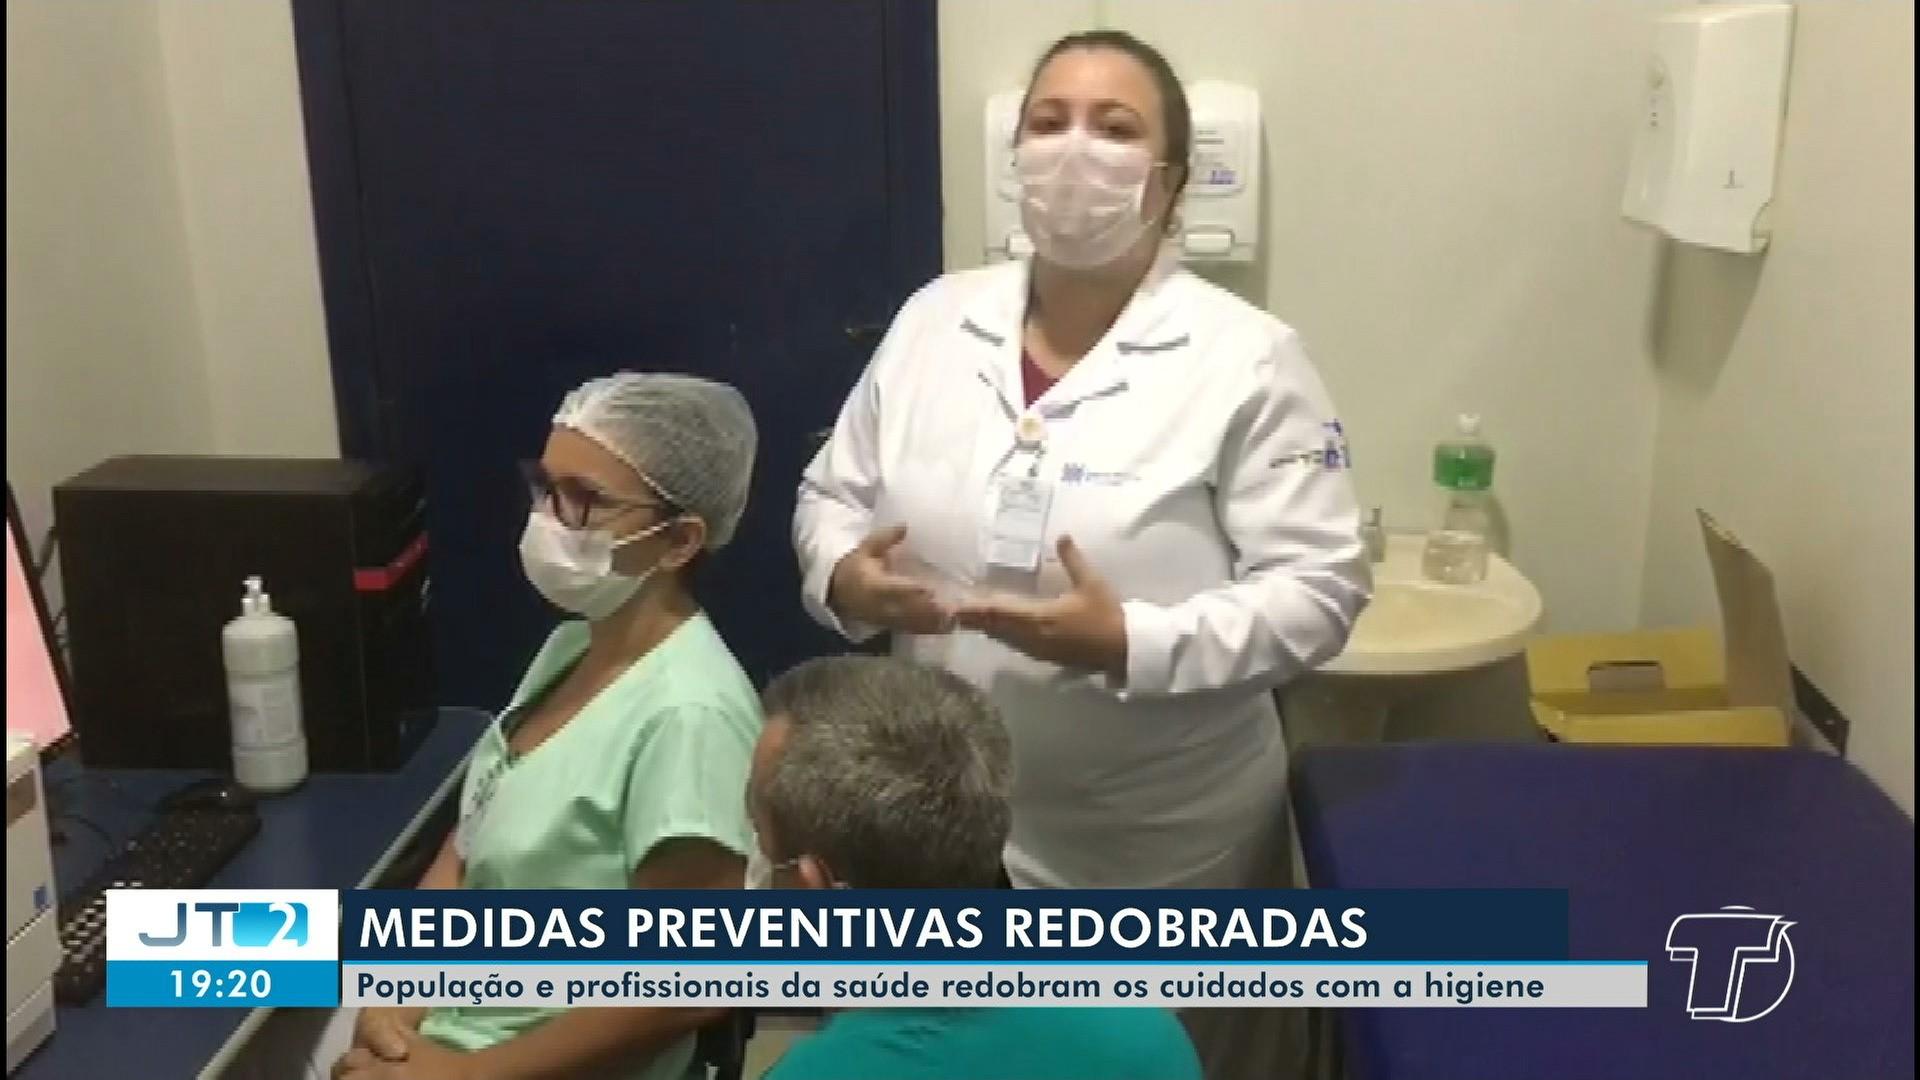 VÍDEOS: Jornal Tapajós 2ª edição de quarta-feira, 1º de abril